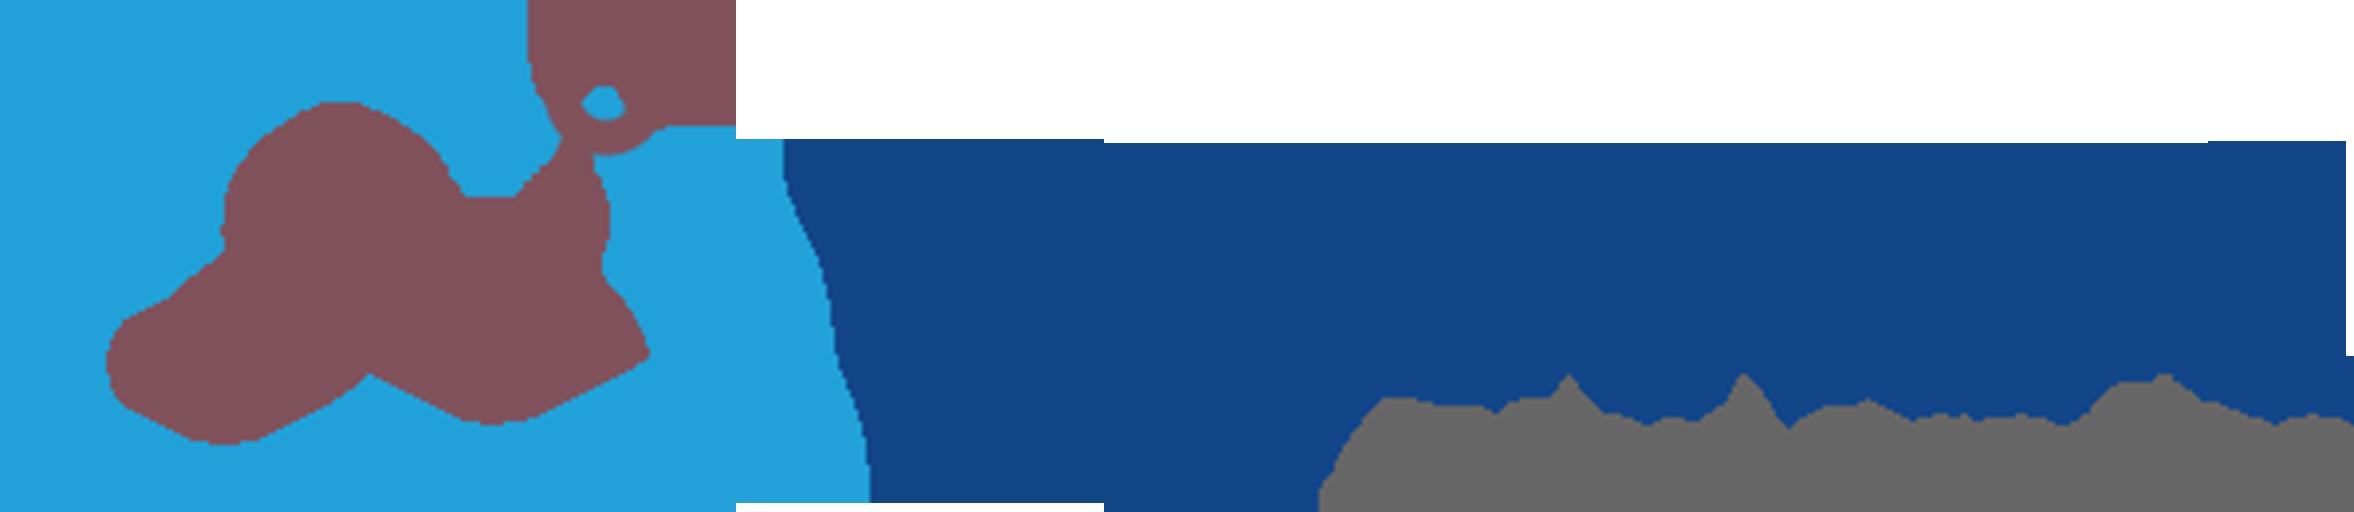 cetrix-cs-blue-sm